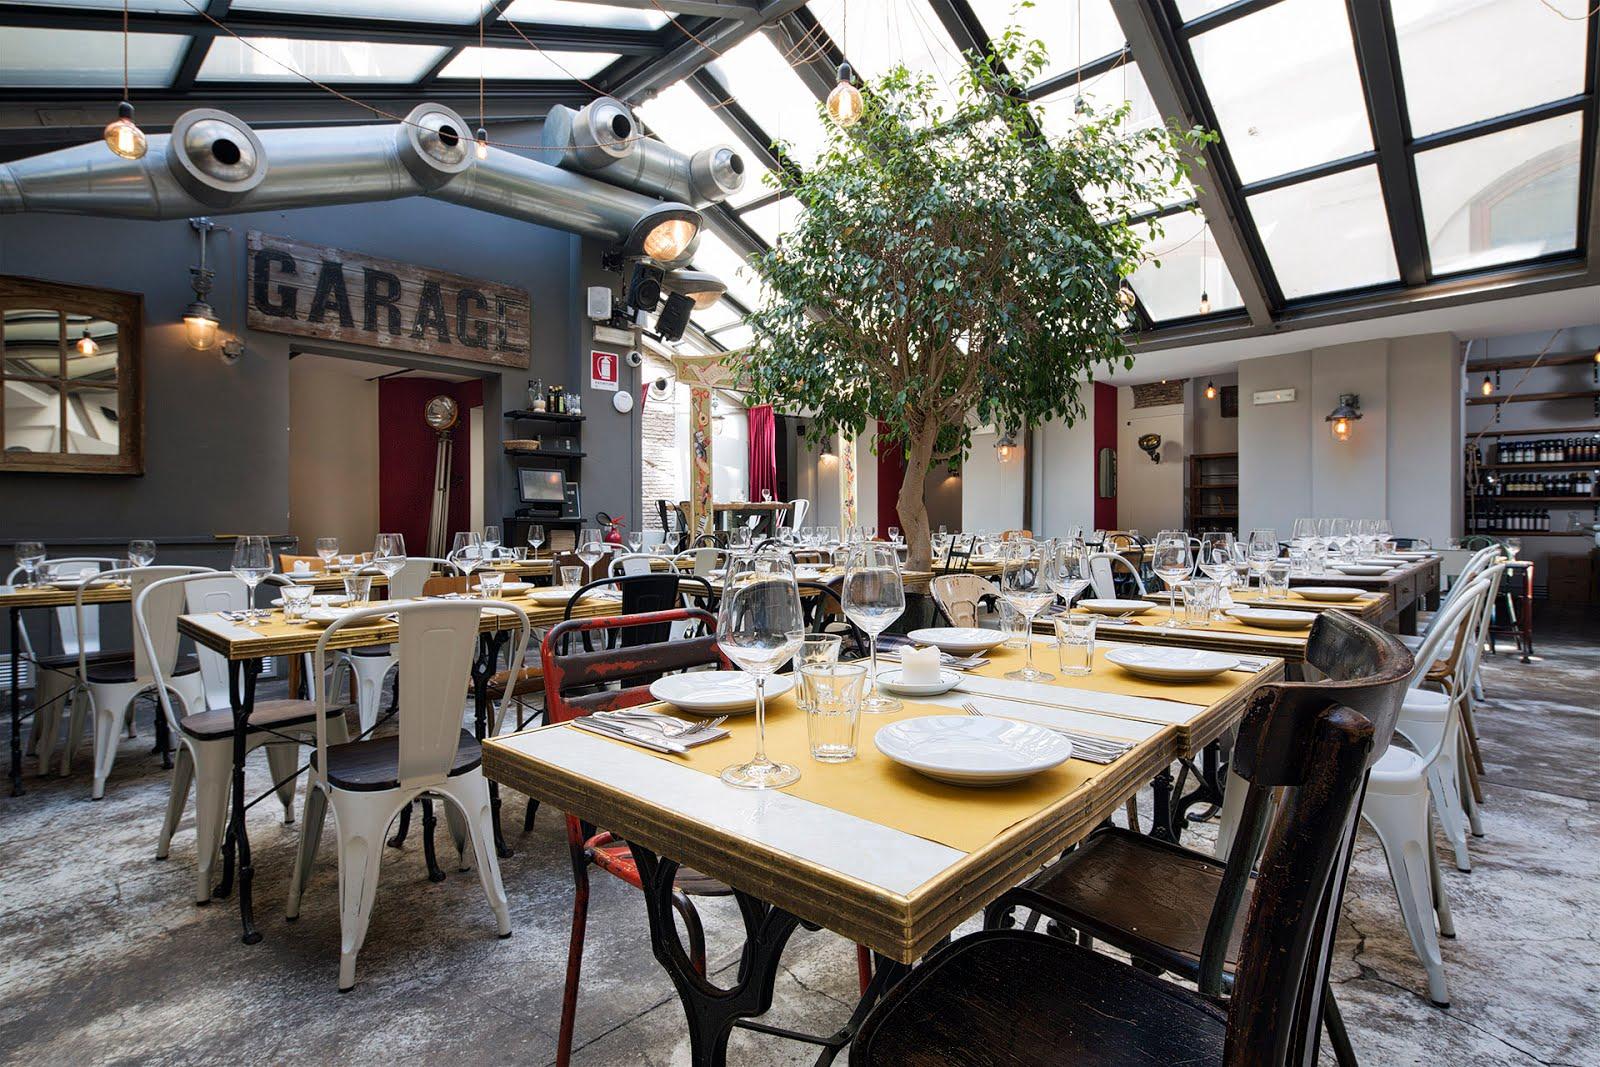 Corriere del web anna dente e la cucina romana al bar del for La cucina romana